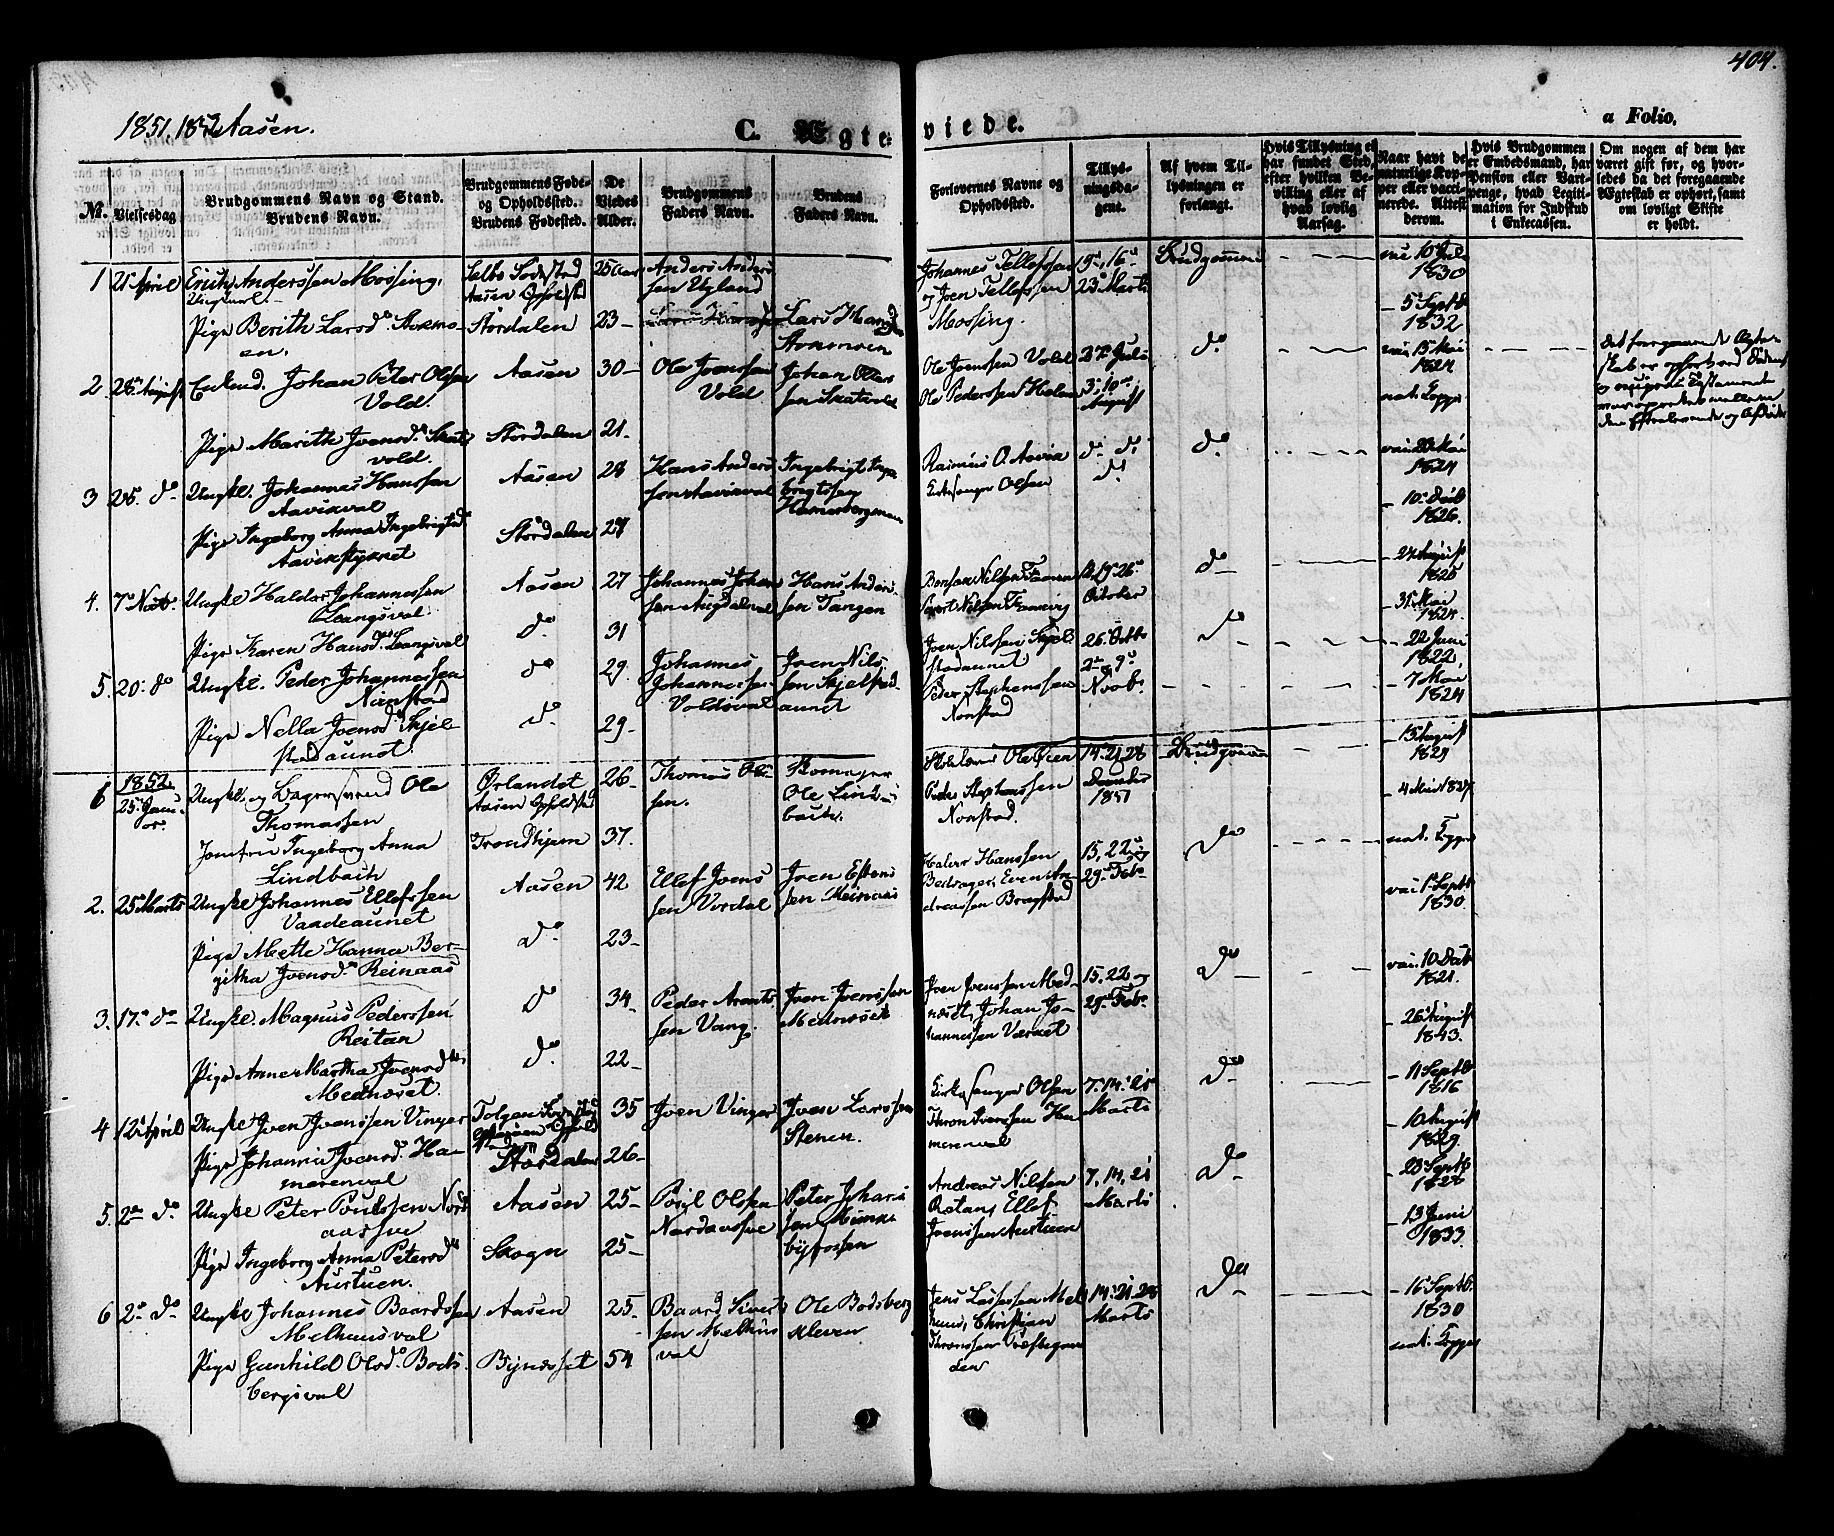 SAT, Ministerialprotokoller, klokkerbøker og fødselsregistre - Nord-Trøndelag, 713/L0116: Ministerialbok nr. 713A07, 1850-1877, s. 404